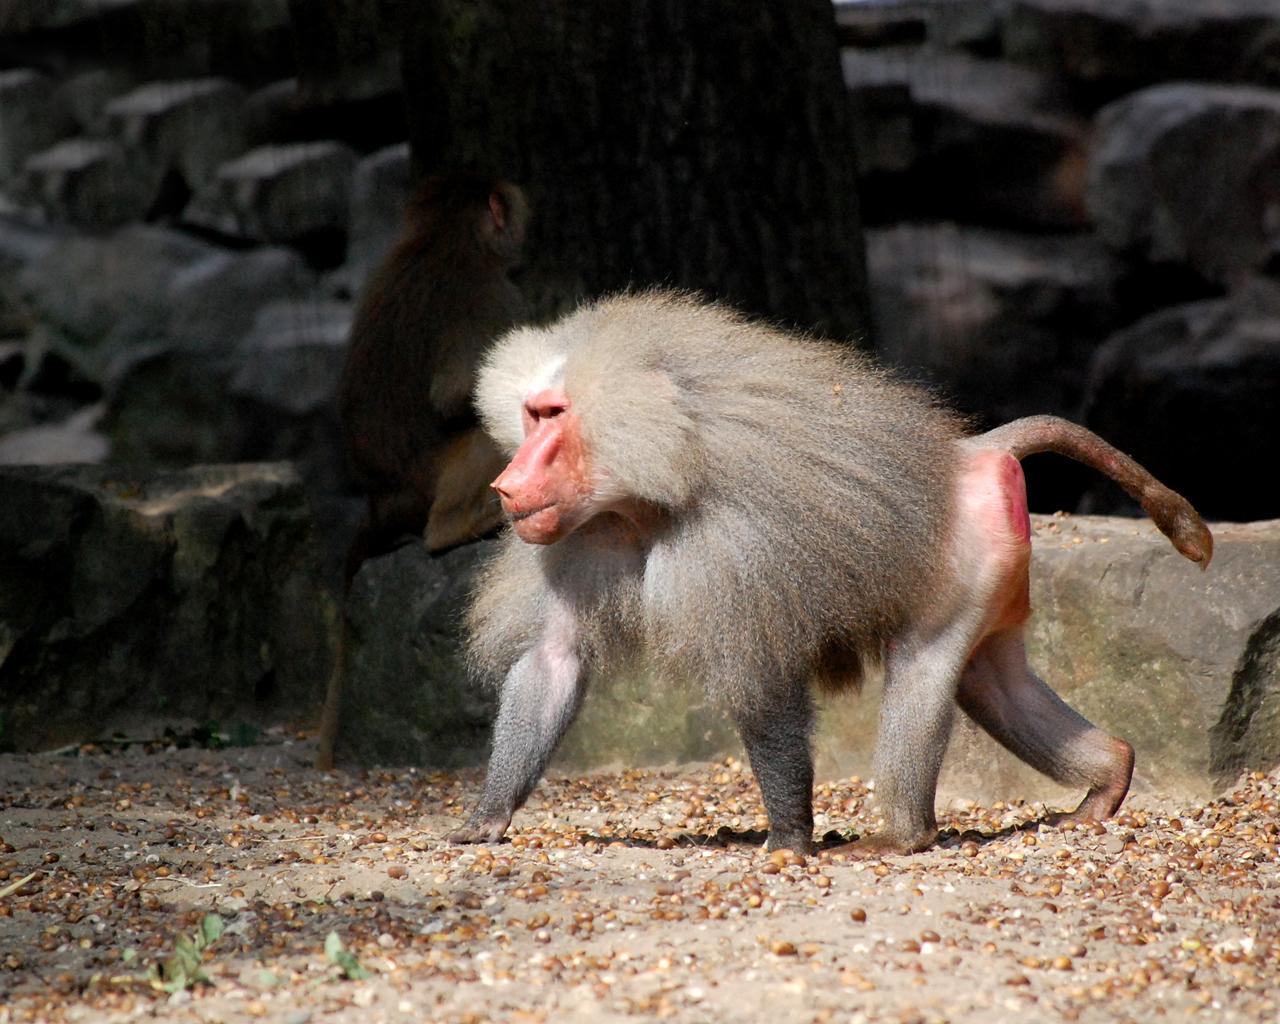 dierentuin madonna hot baviaan in de dierentuin van